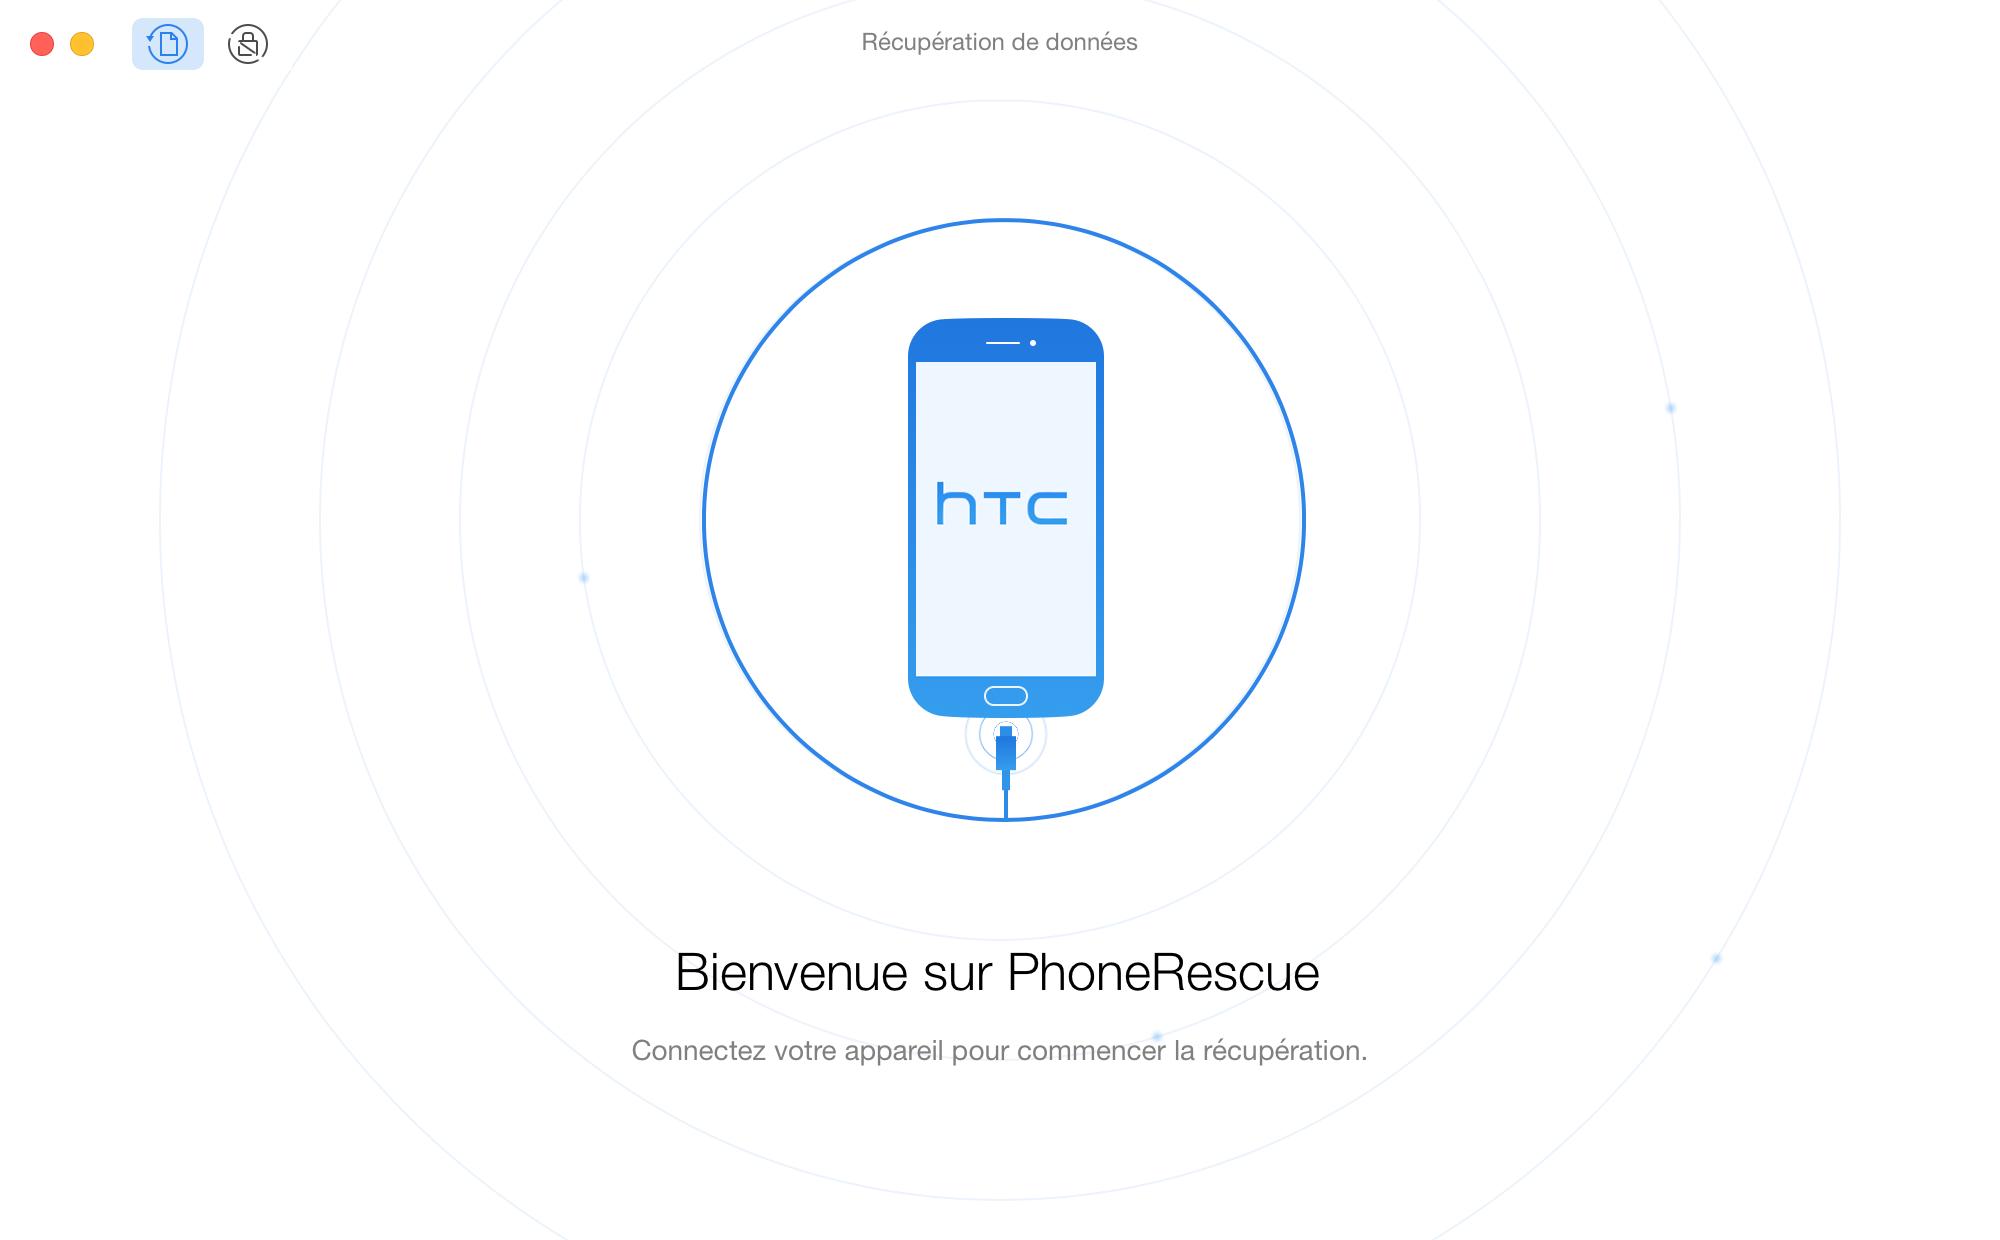 Connectez votre appareil HTC